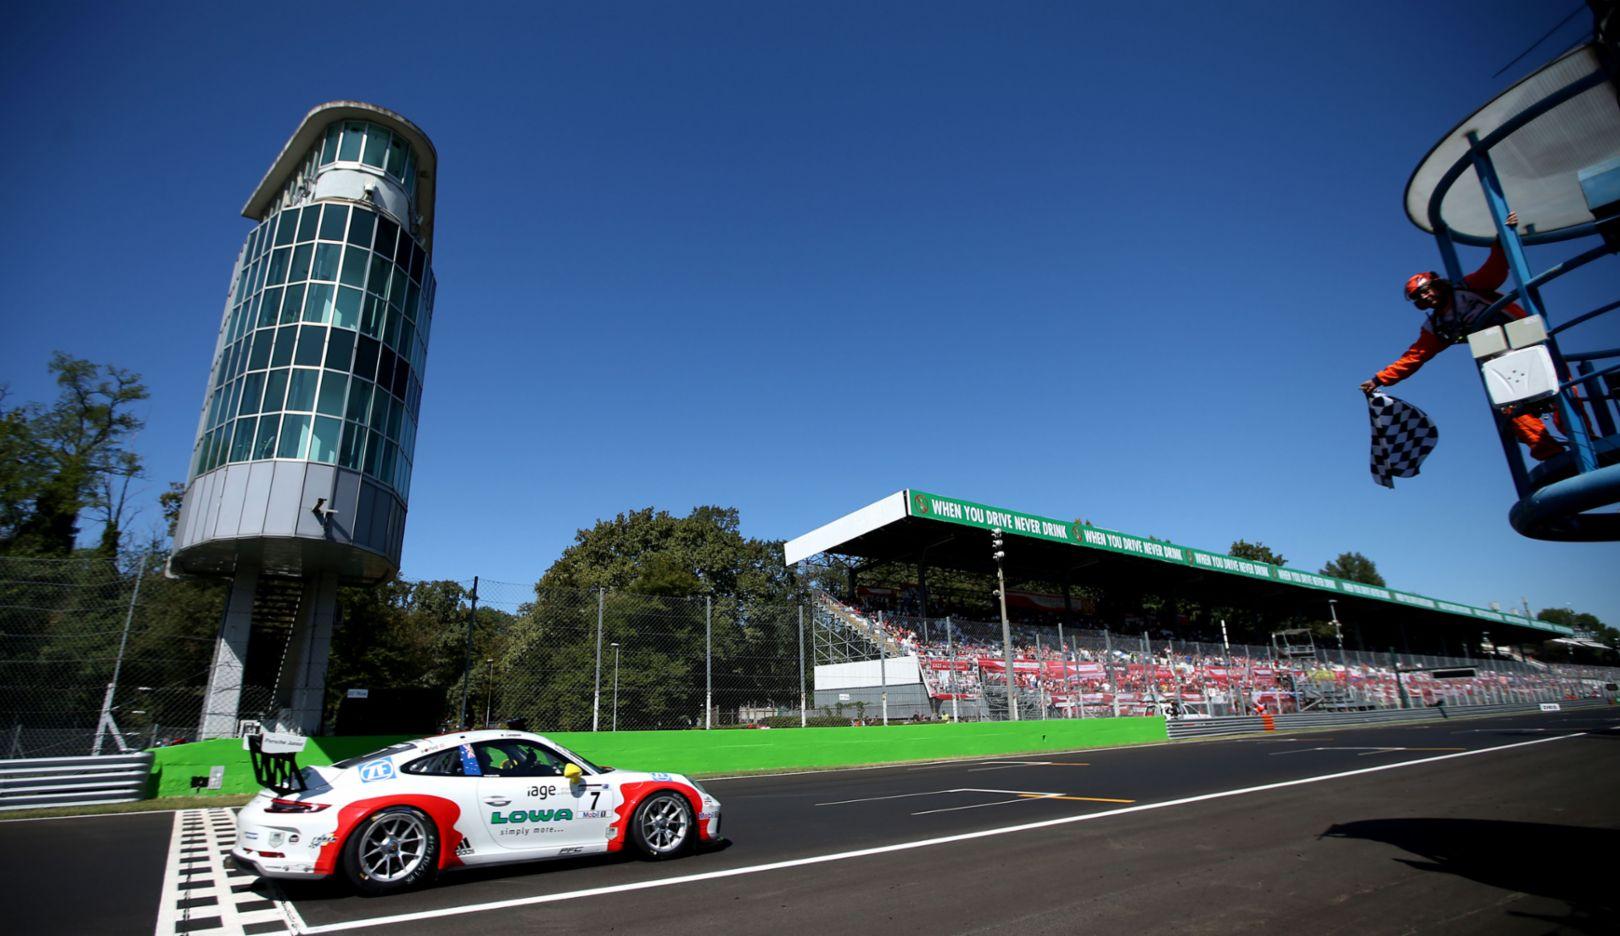 911 GT3 Cup, Porsche Mobil 1 Supercup, Lauf 9, Monza, Italien, 2017, Porsche AG